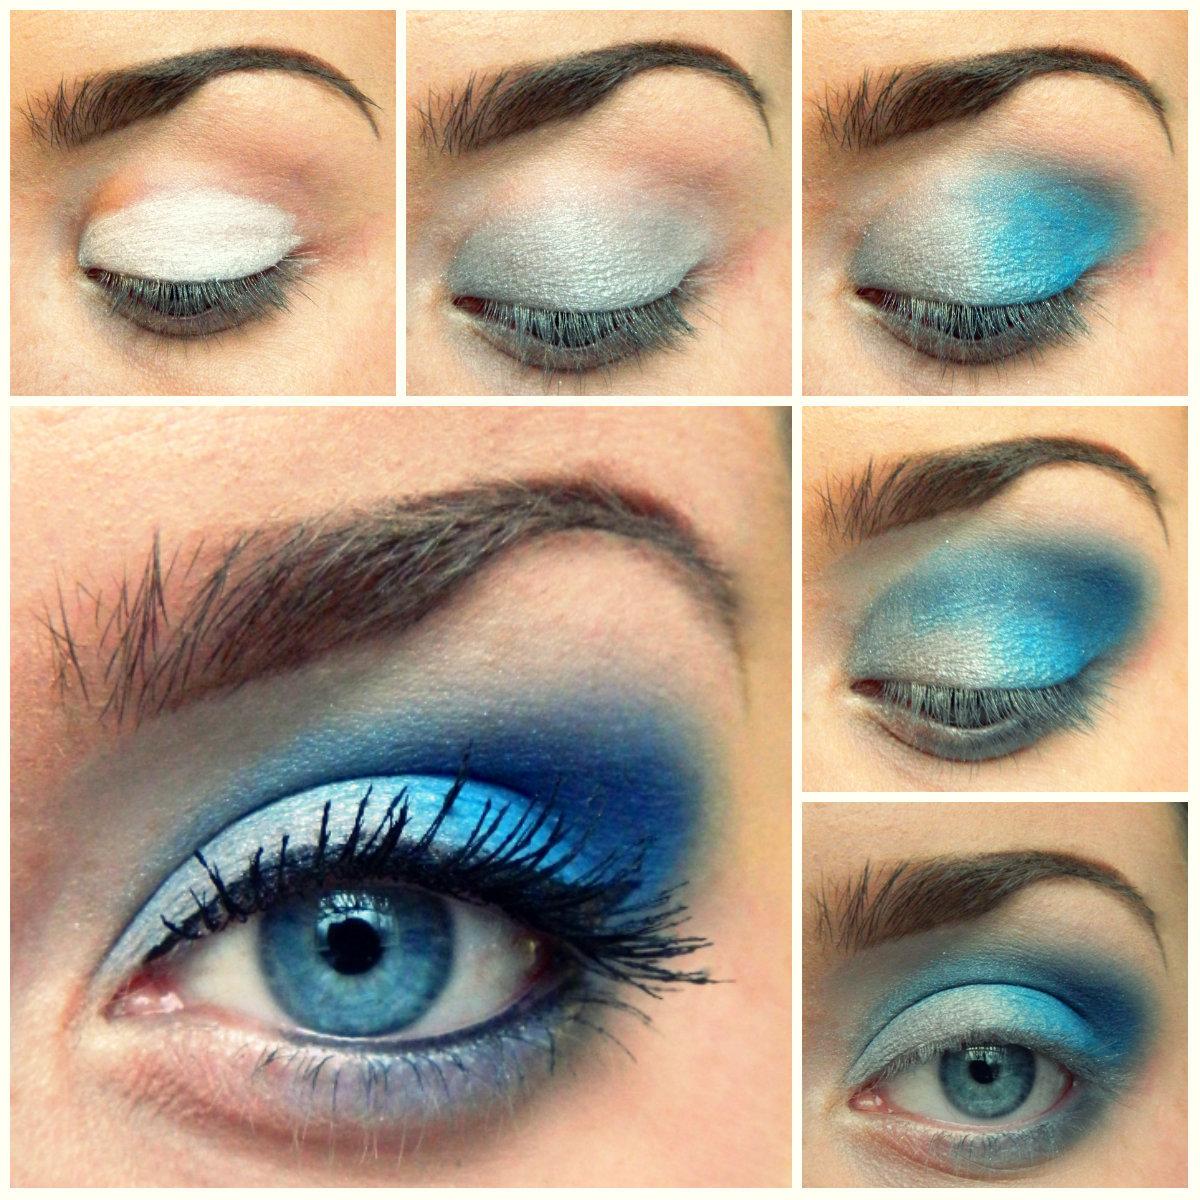 Смоки айс для голубых глаз в картинках